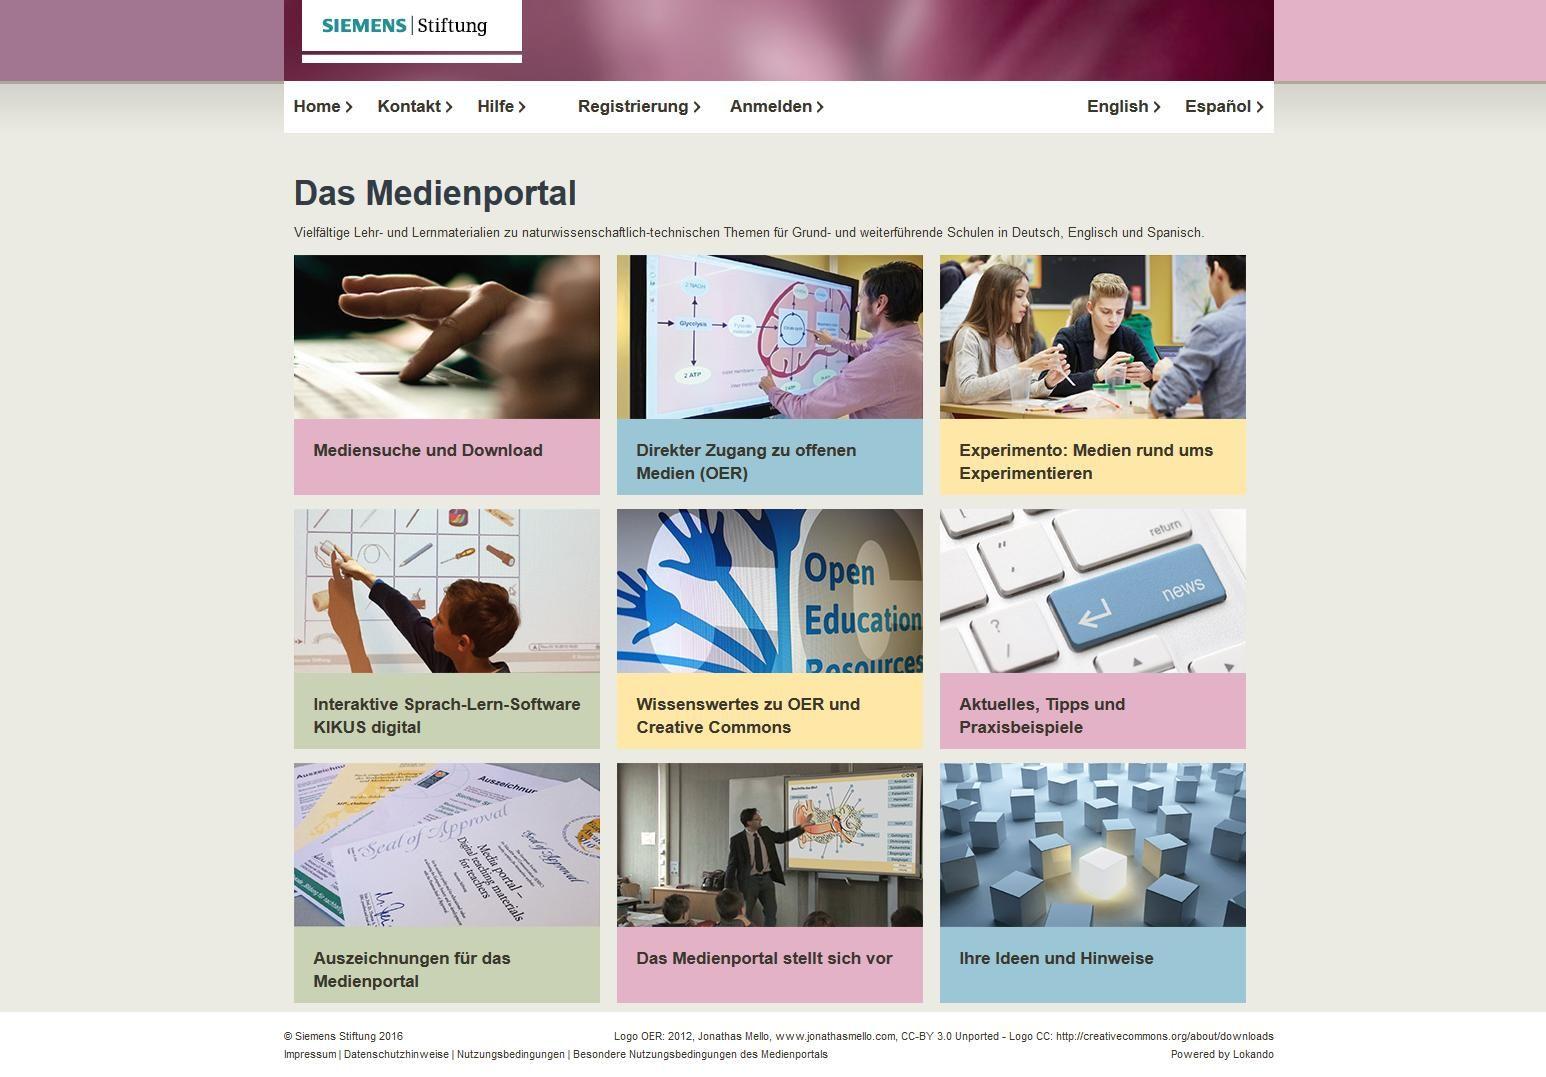 Medienportal der Siemens Stiftung: OER für den MINT-Unterricht